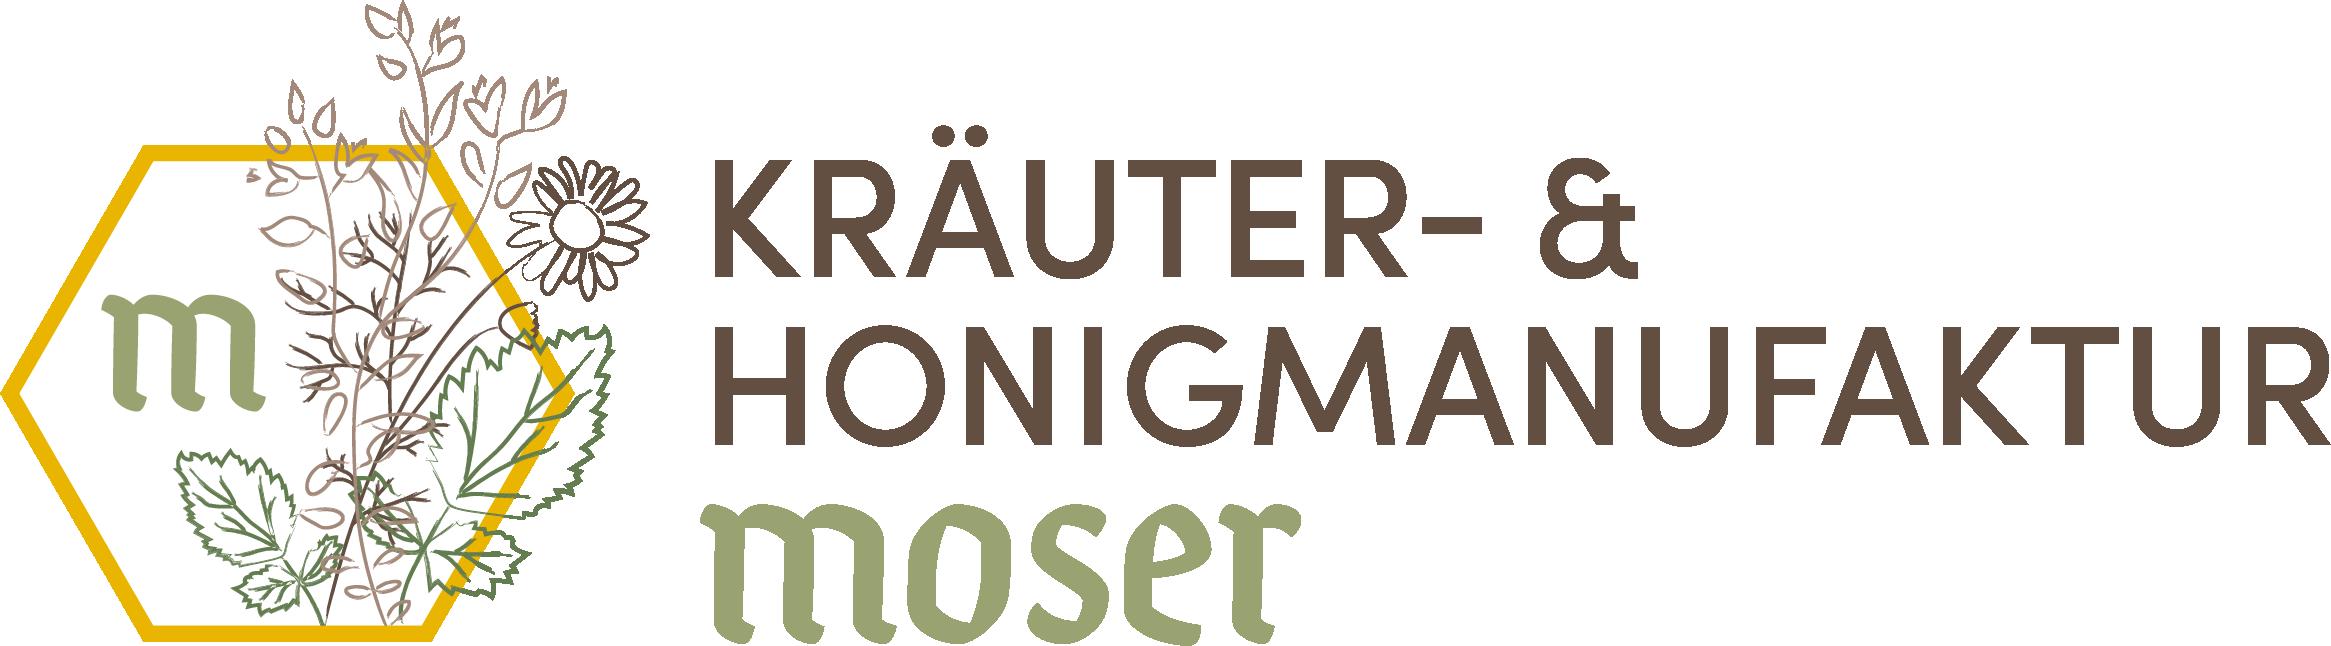 kh-moser-logo